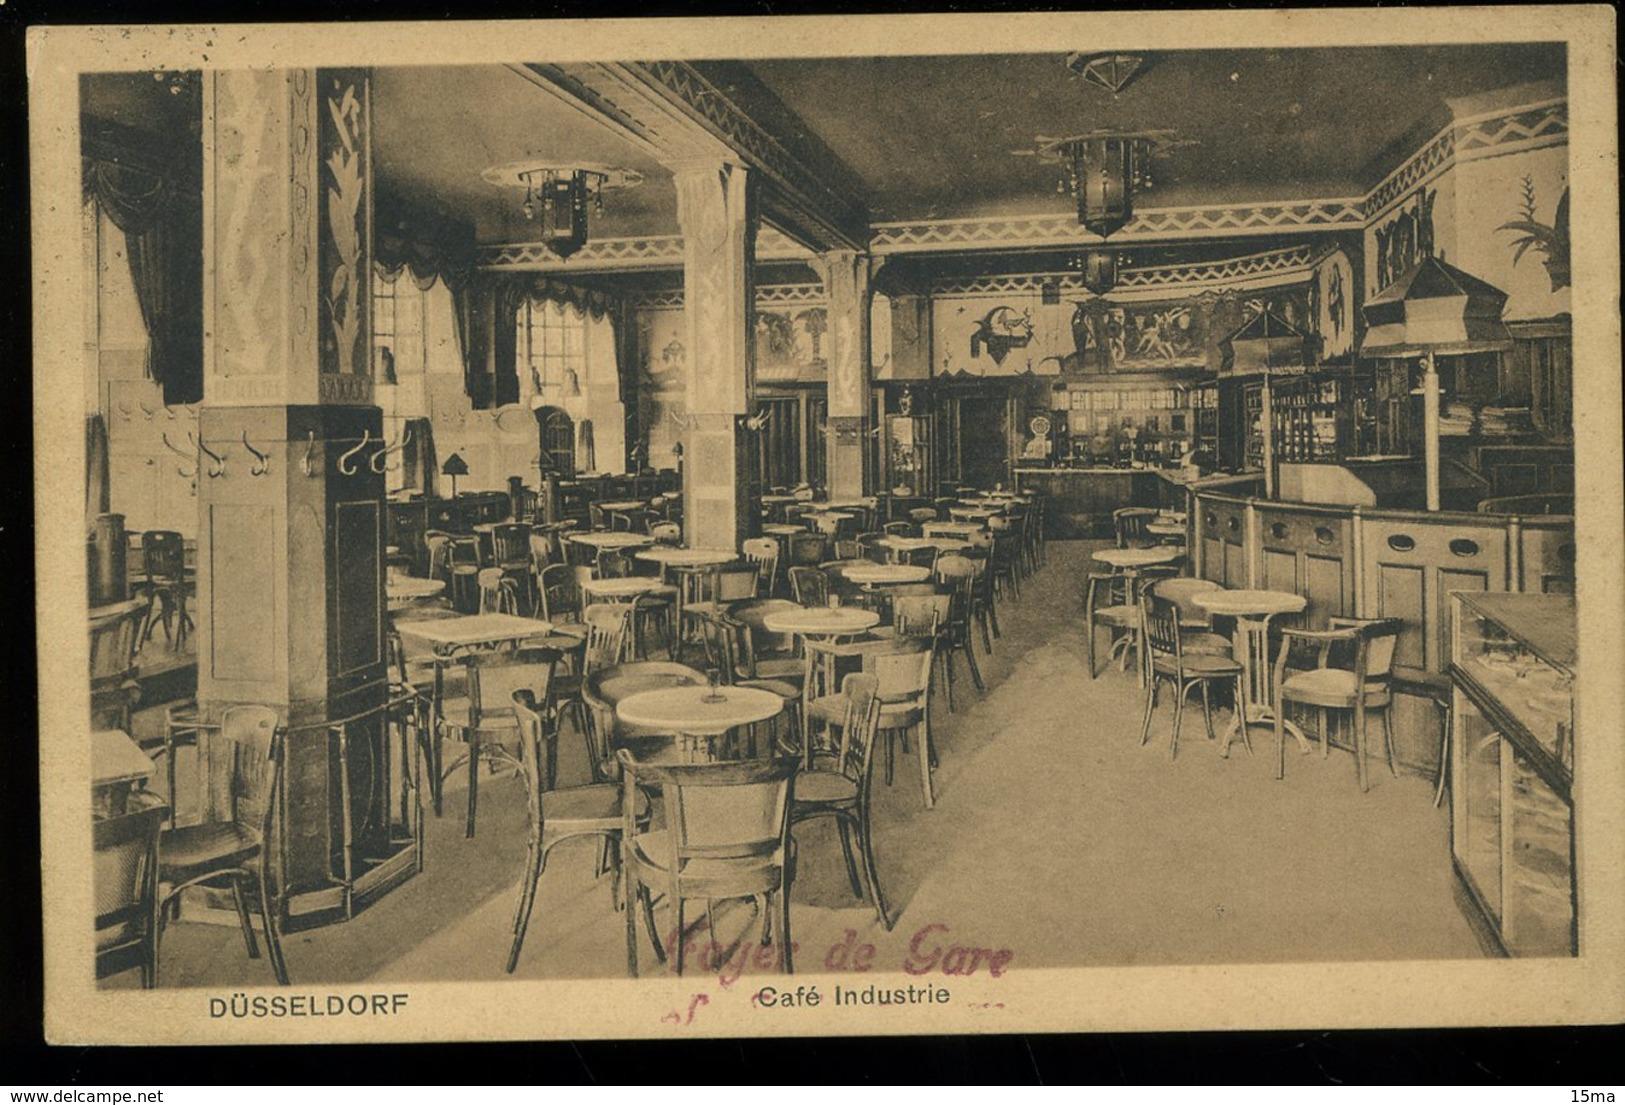 Dusseldorf Café Industrie Wilhelmplatz 1924 Paul Voigt - Duesseldorf